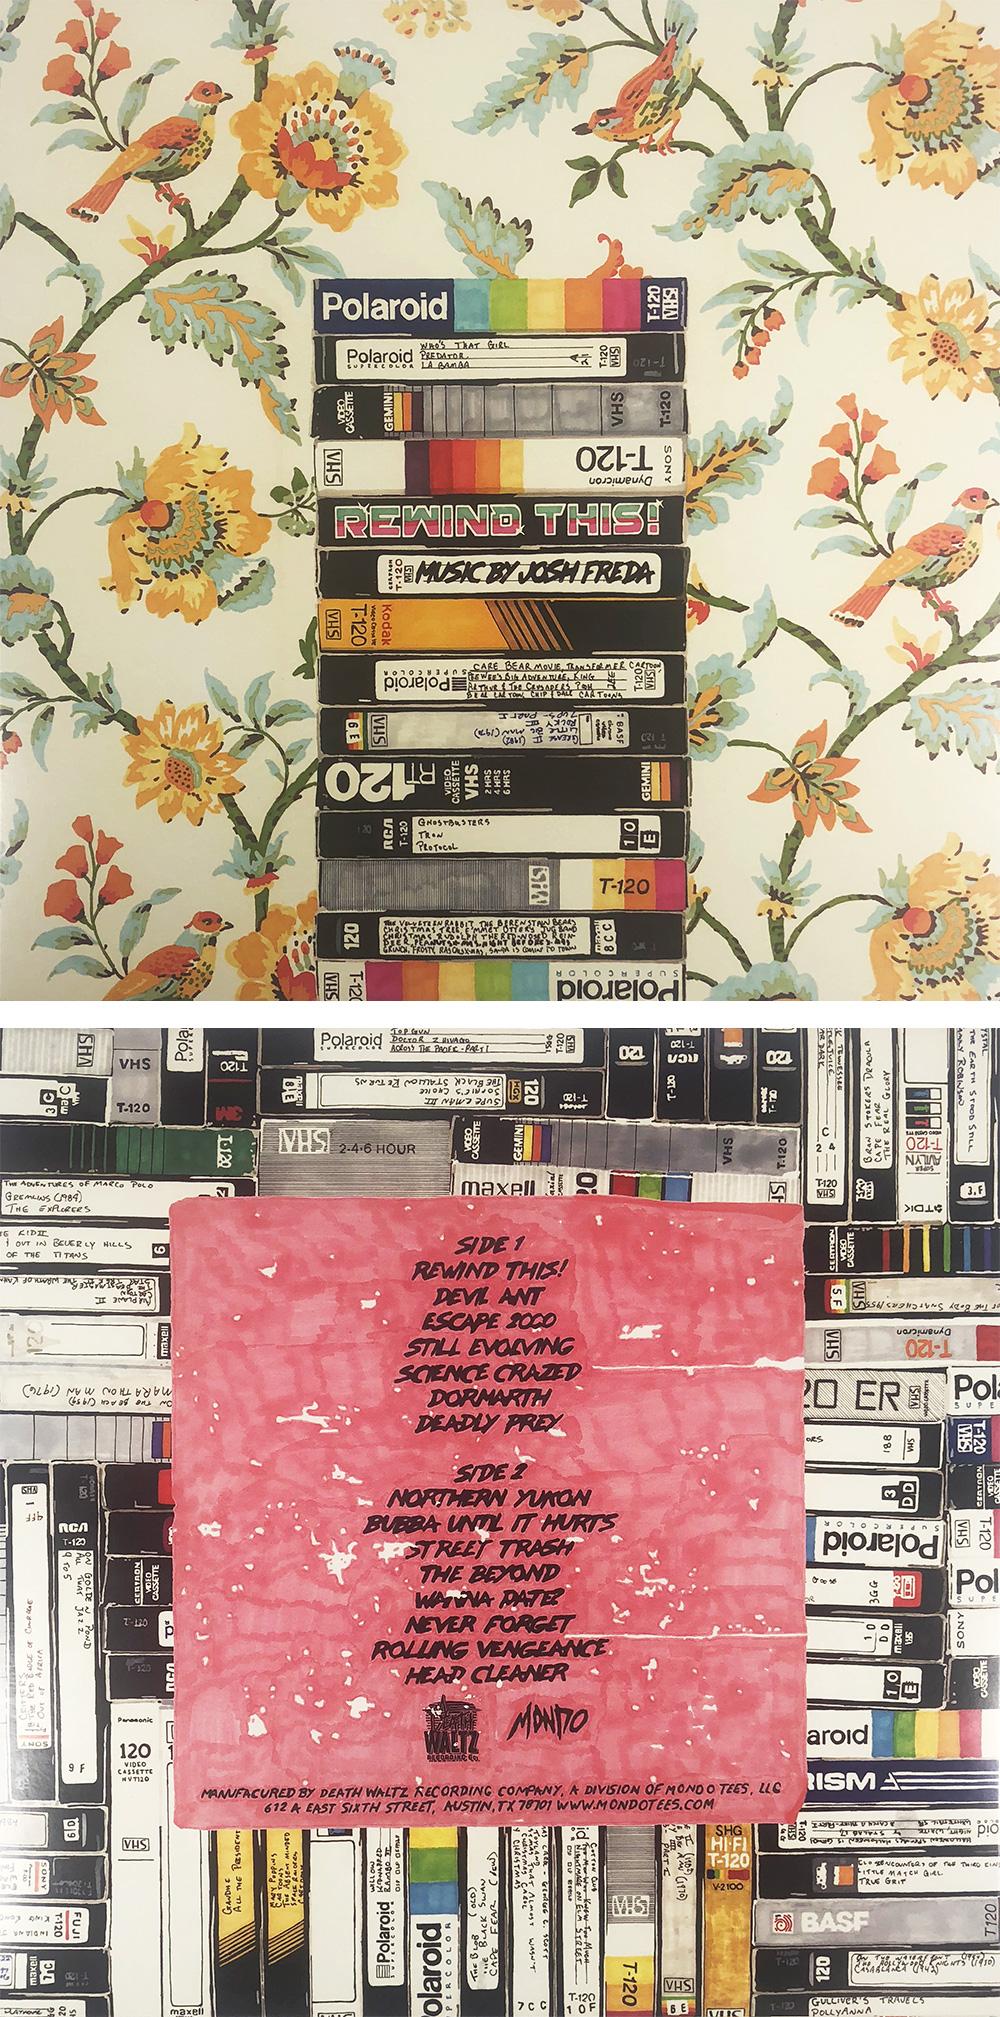 Rewind This! by Josh Freda